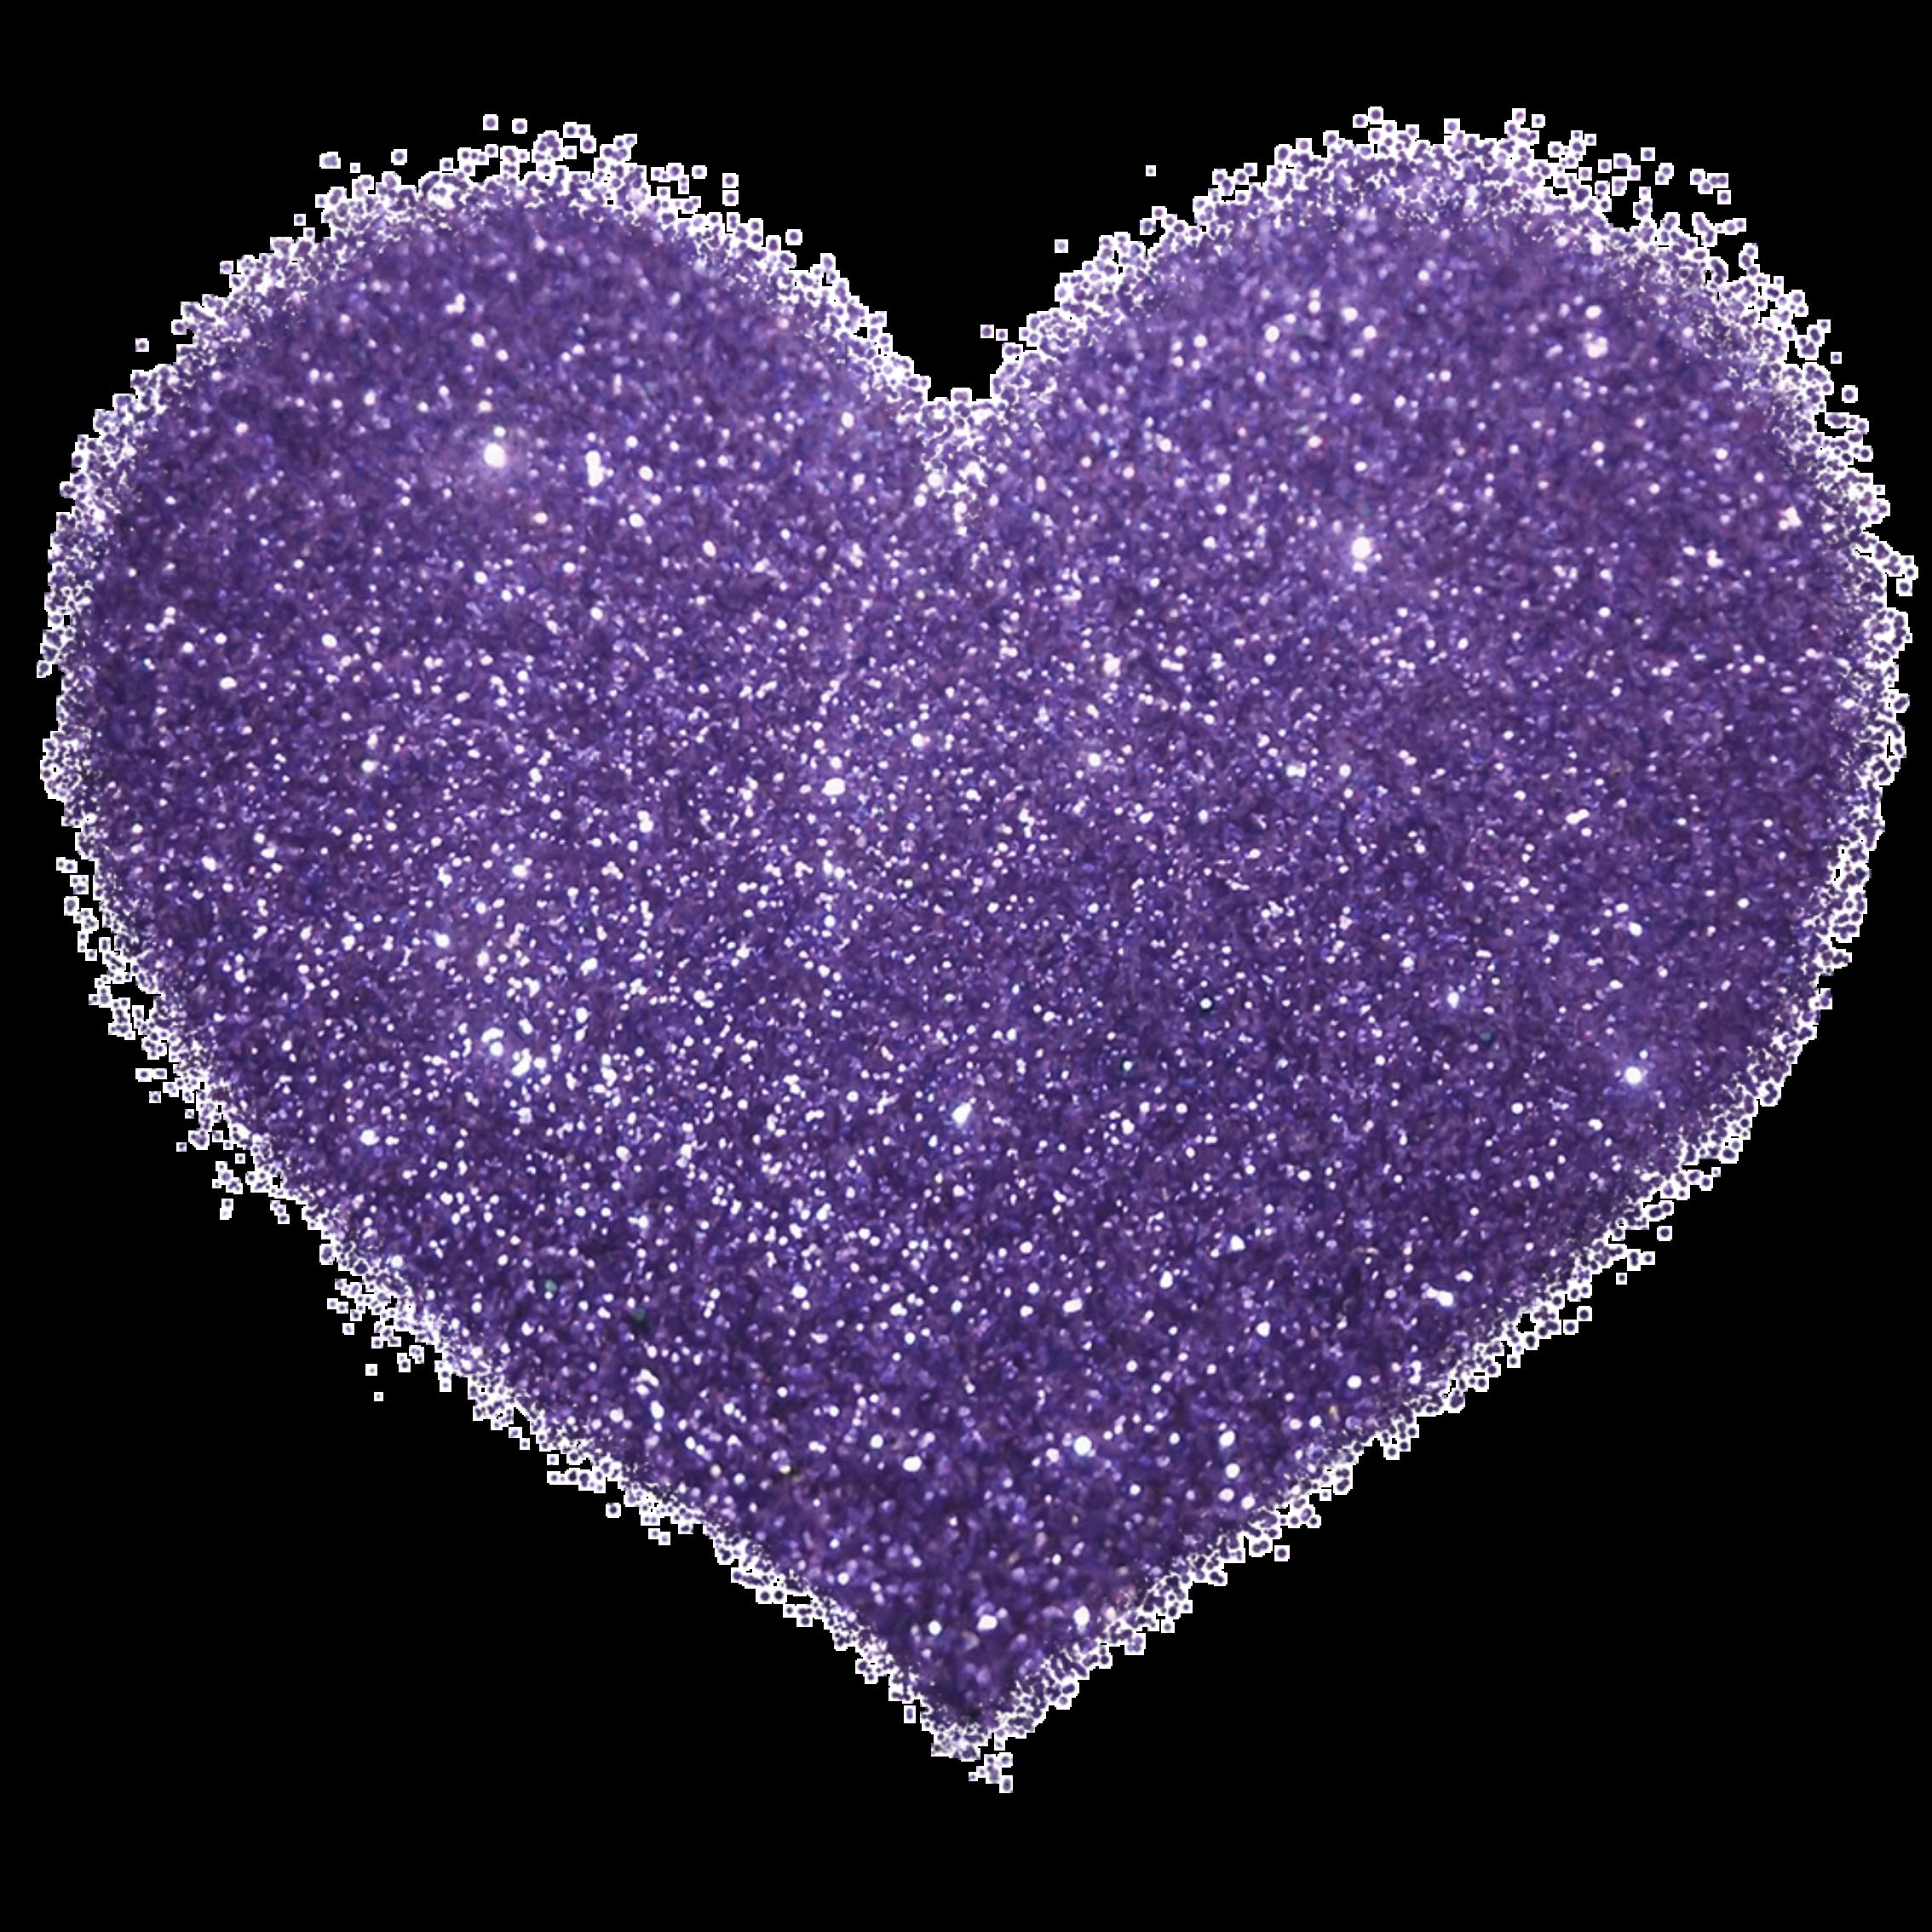 необычный картинки сердечки красивые блестящие на весь тут